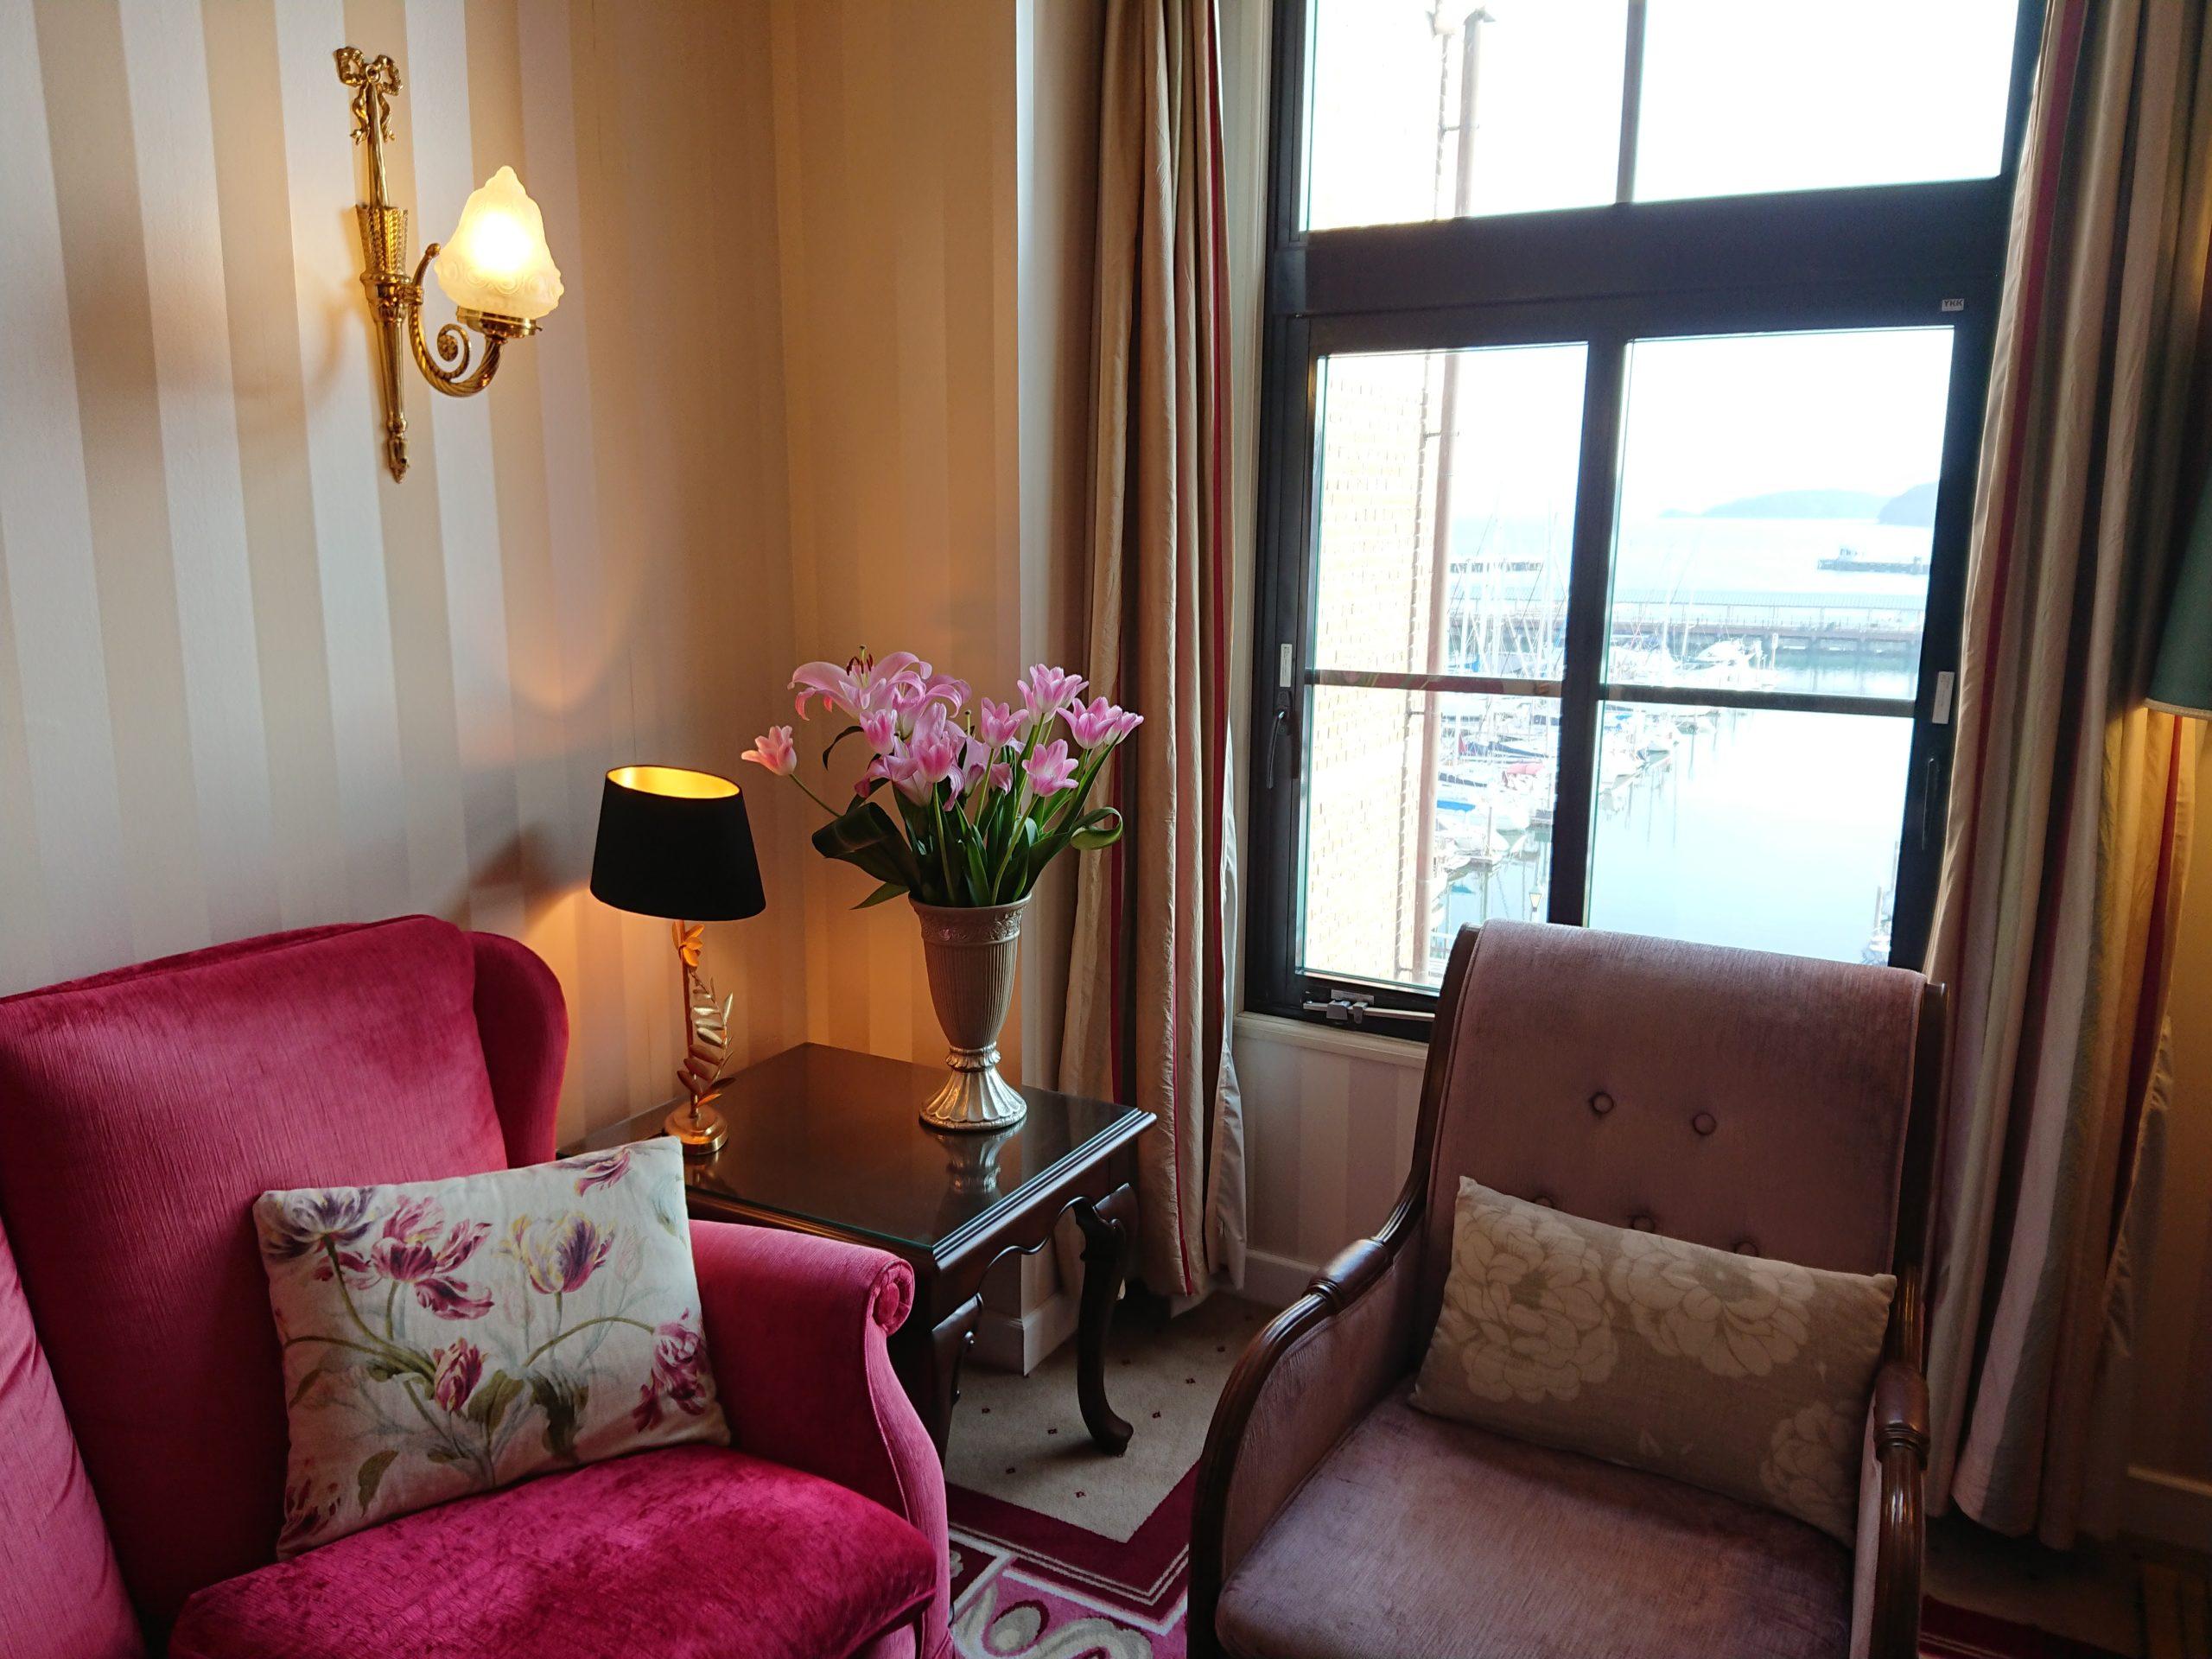 ホテルアムステルダムのクラブラウンジ